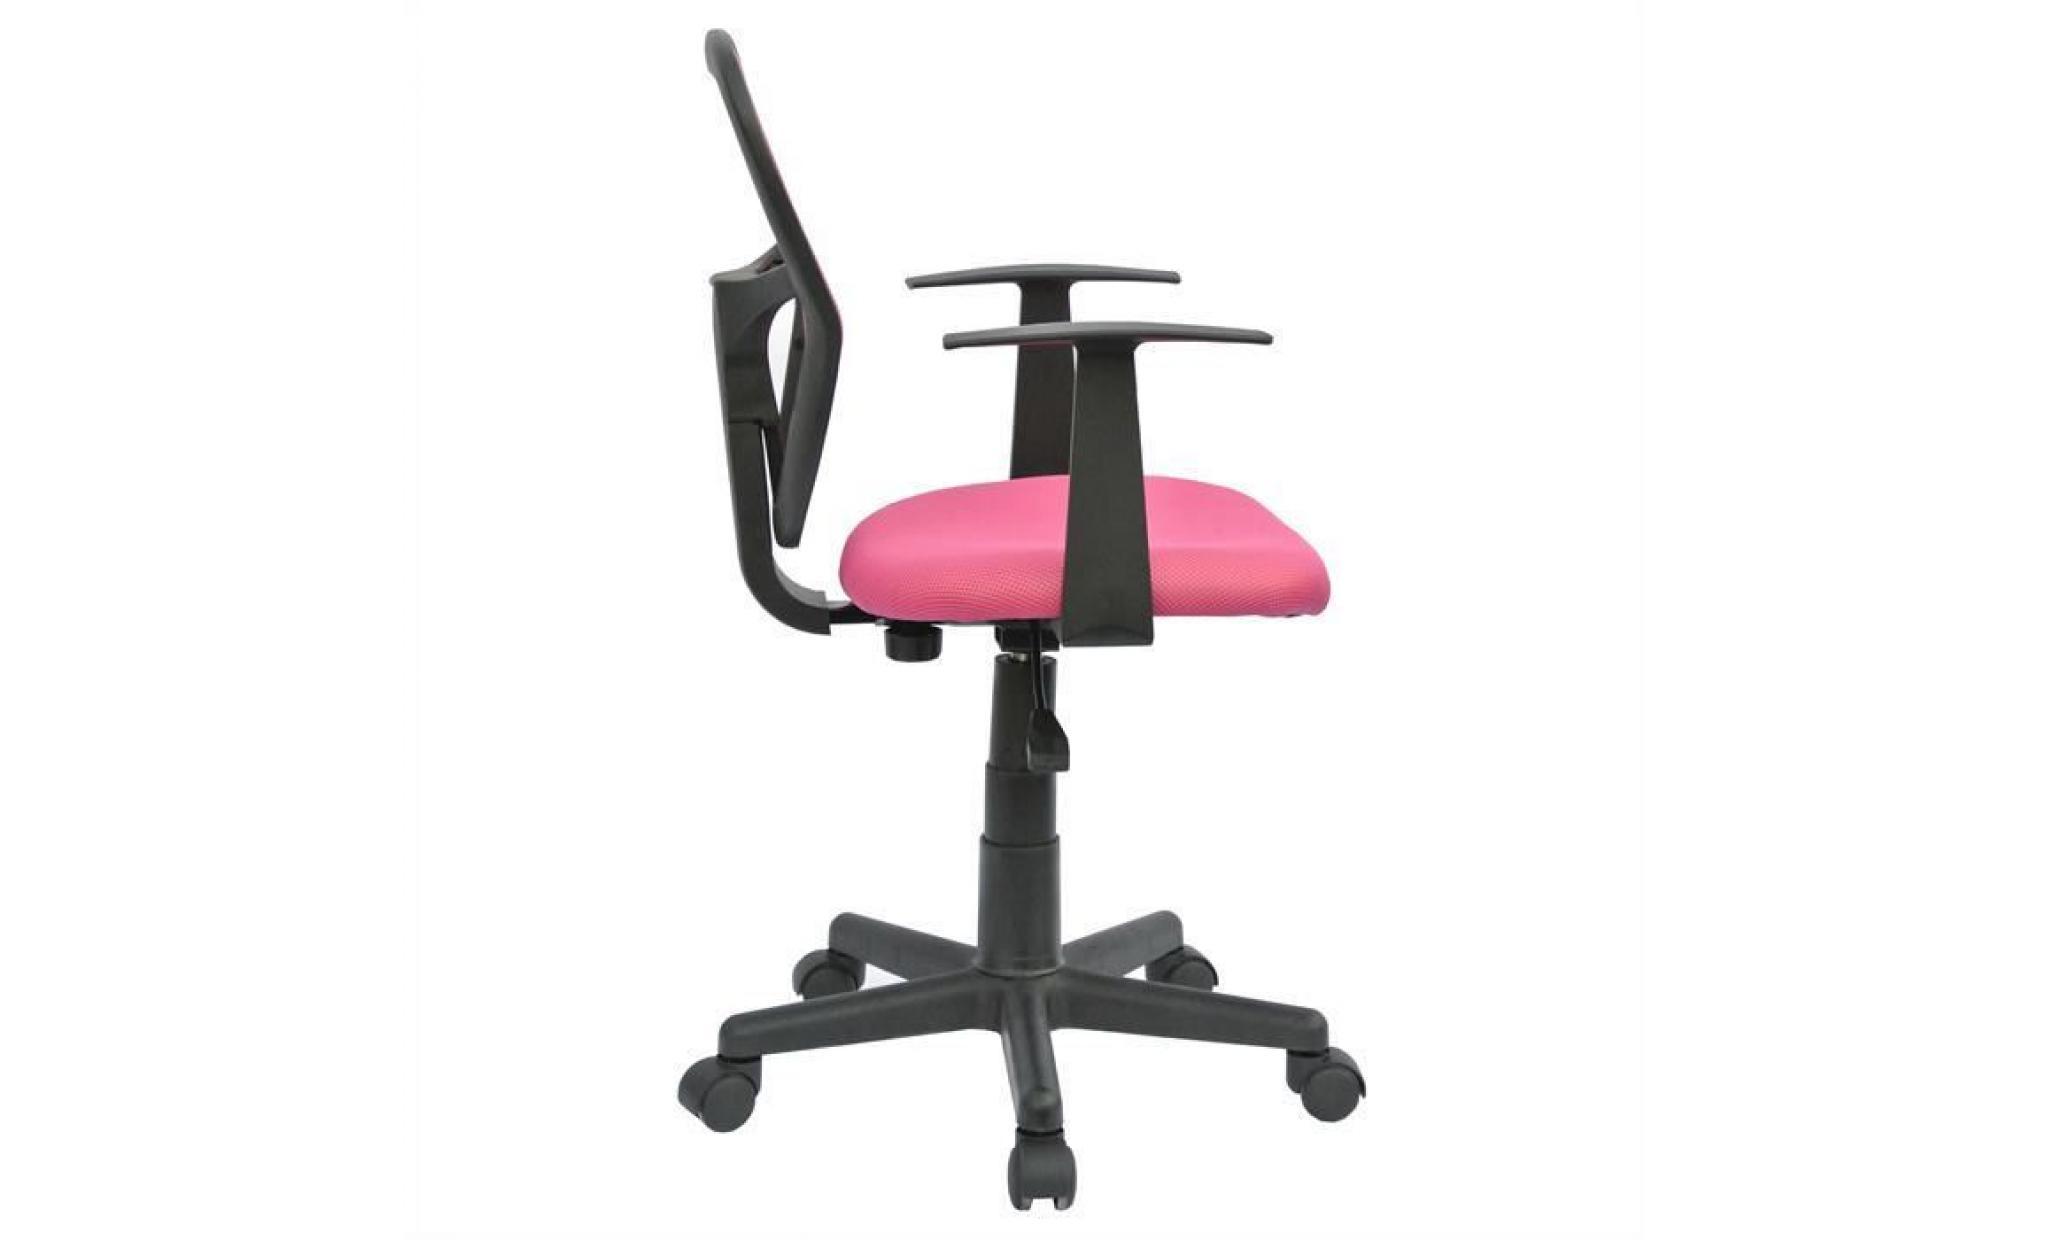 chaise de bureau pour enfant studio fauteuil pivotant et ergonomique avec  accoudoirs, siège à roulettes avec hauteur réglable, vert